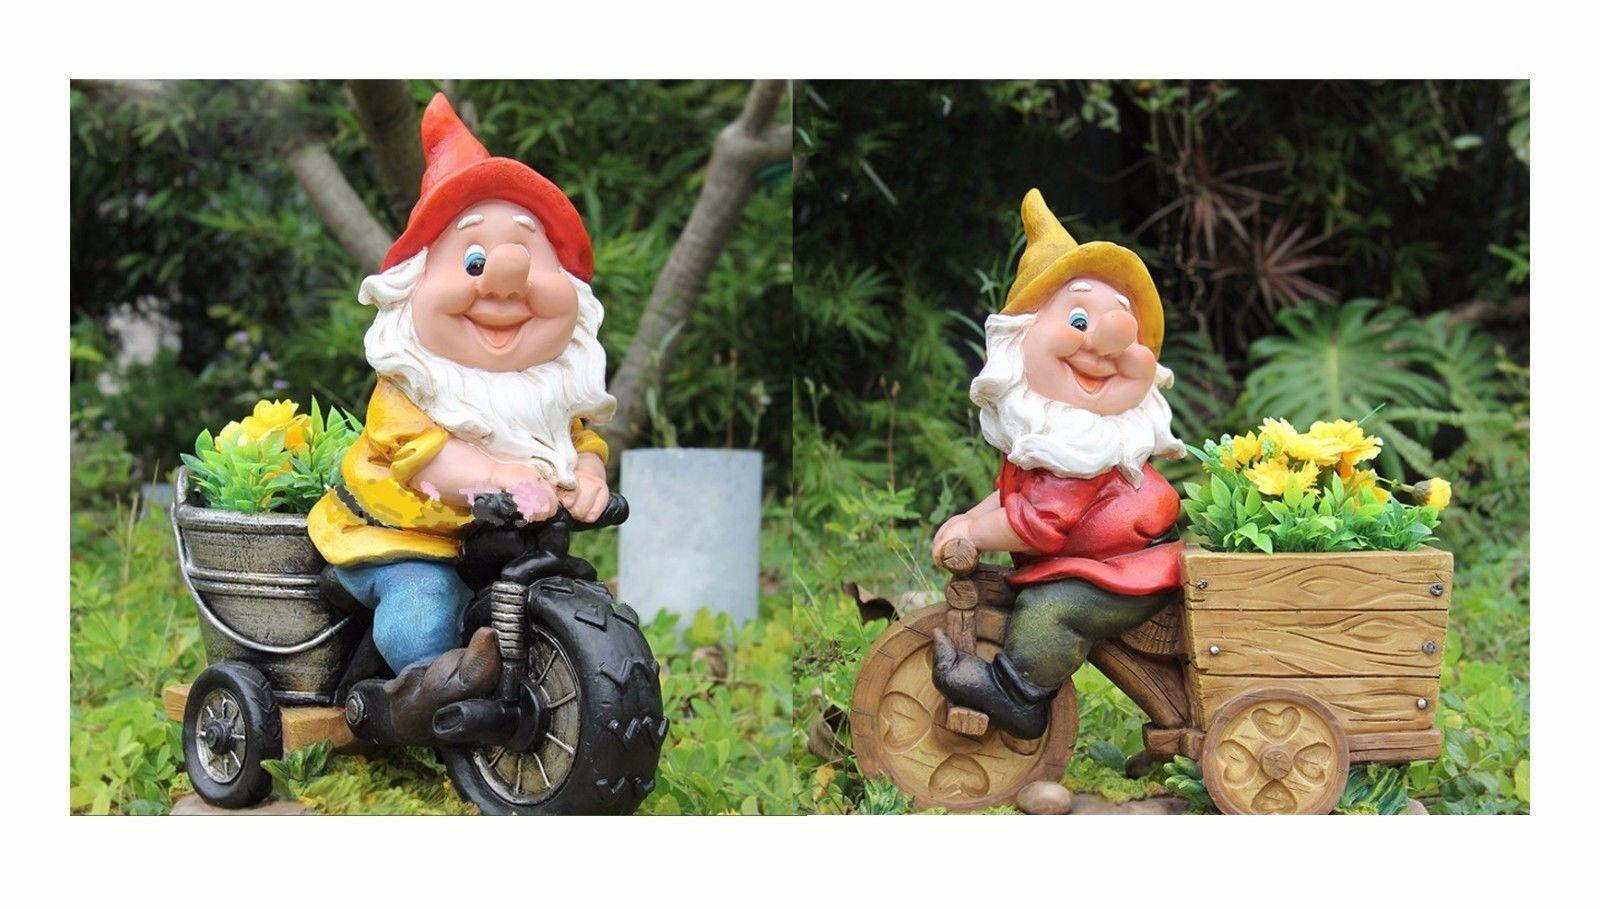 Détails sur Design Nain 36 cm Haut avec Pot de Fleurs BL15156 Vélo Nain de  Jardin